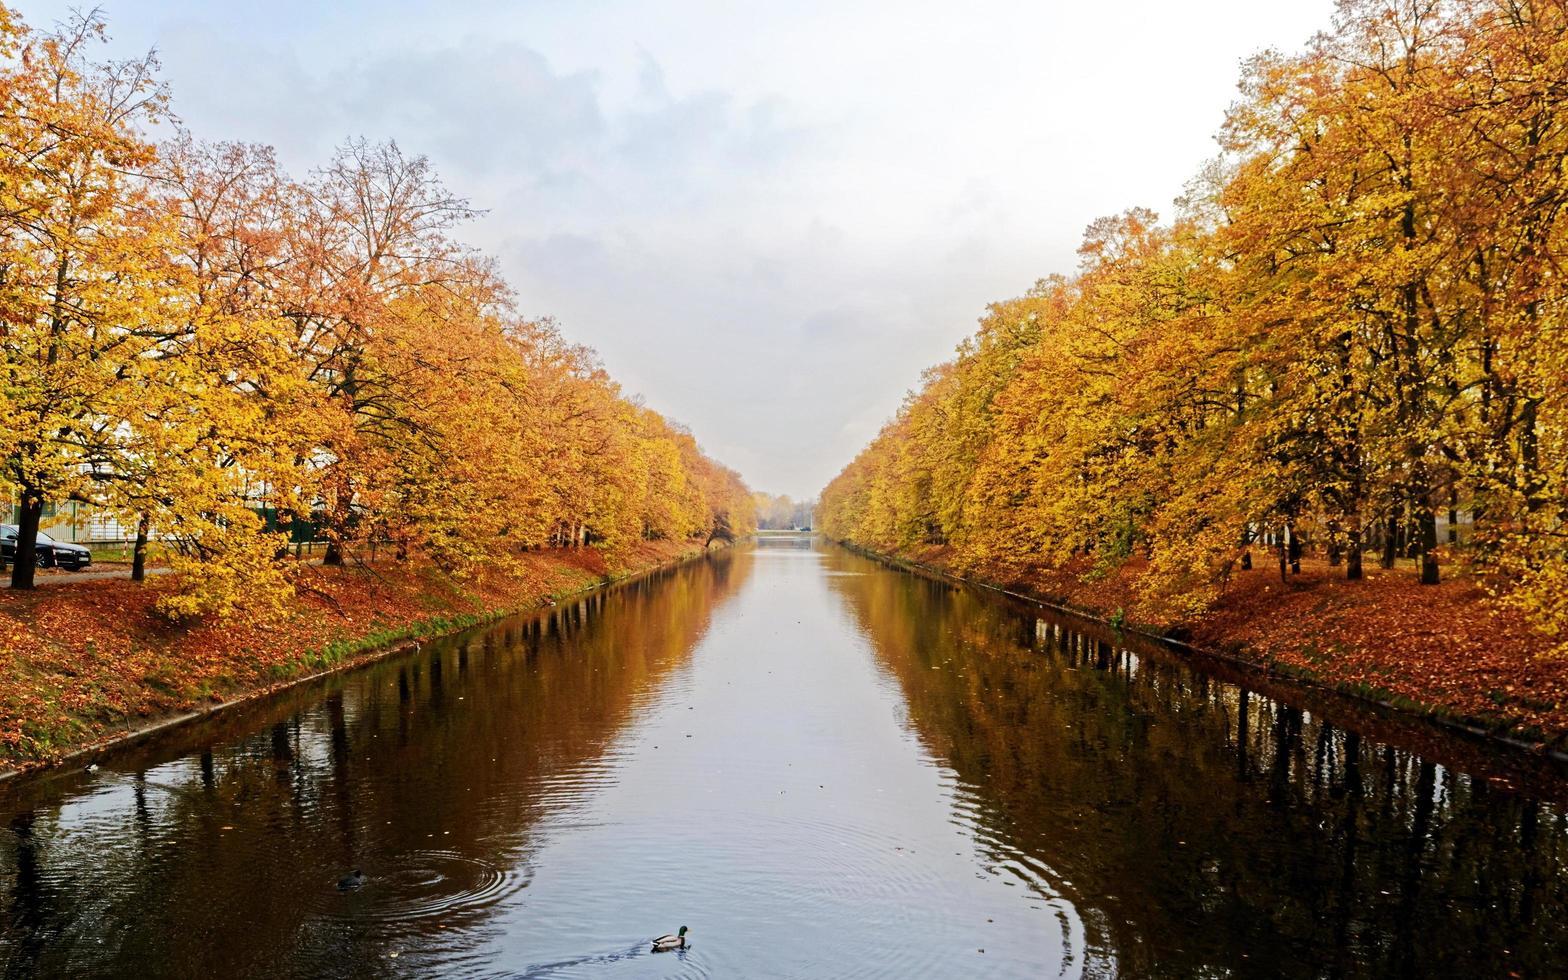 rio e árvores no outono foto